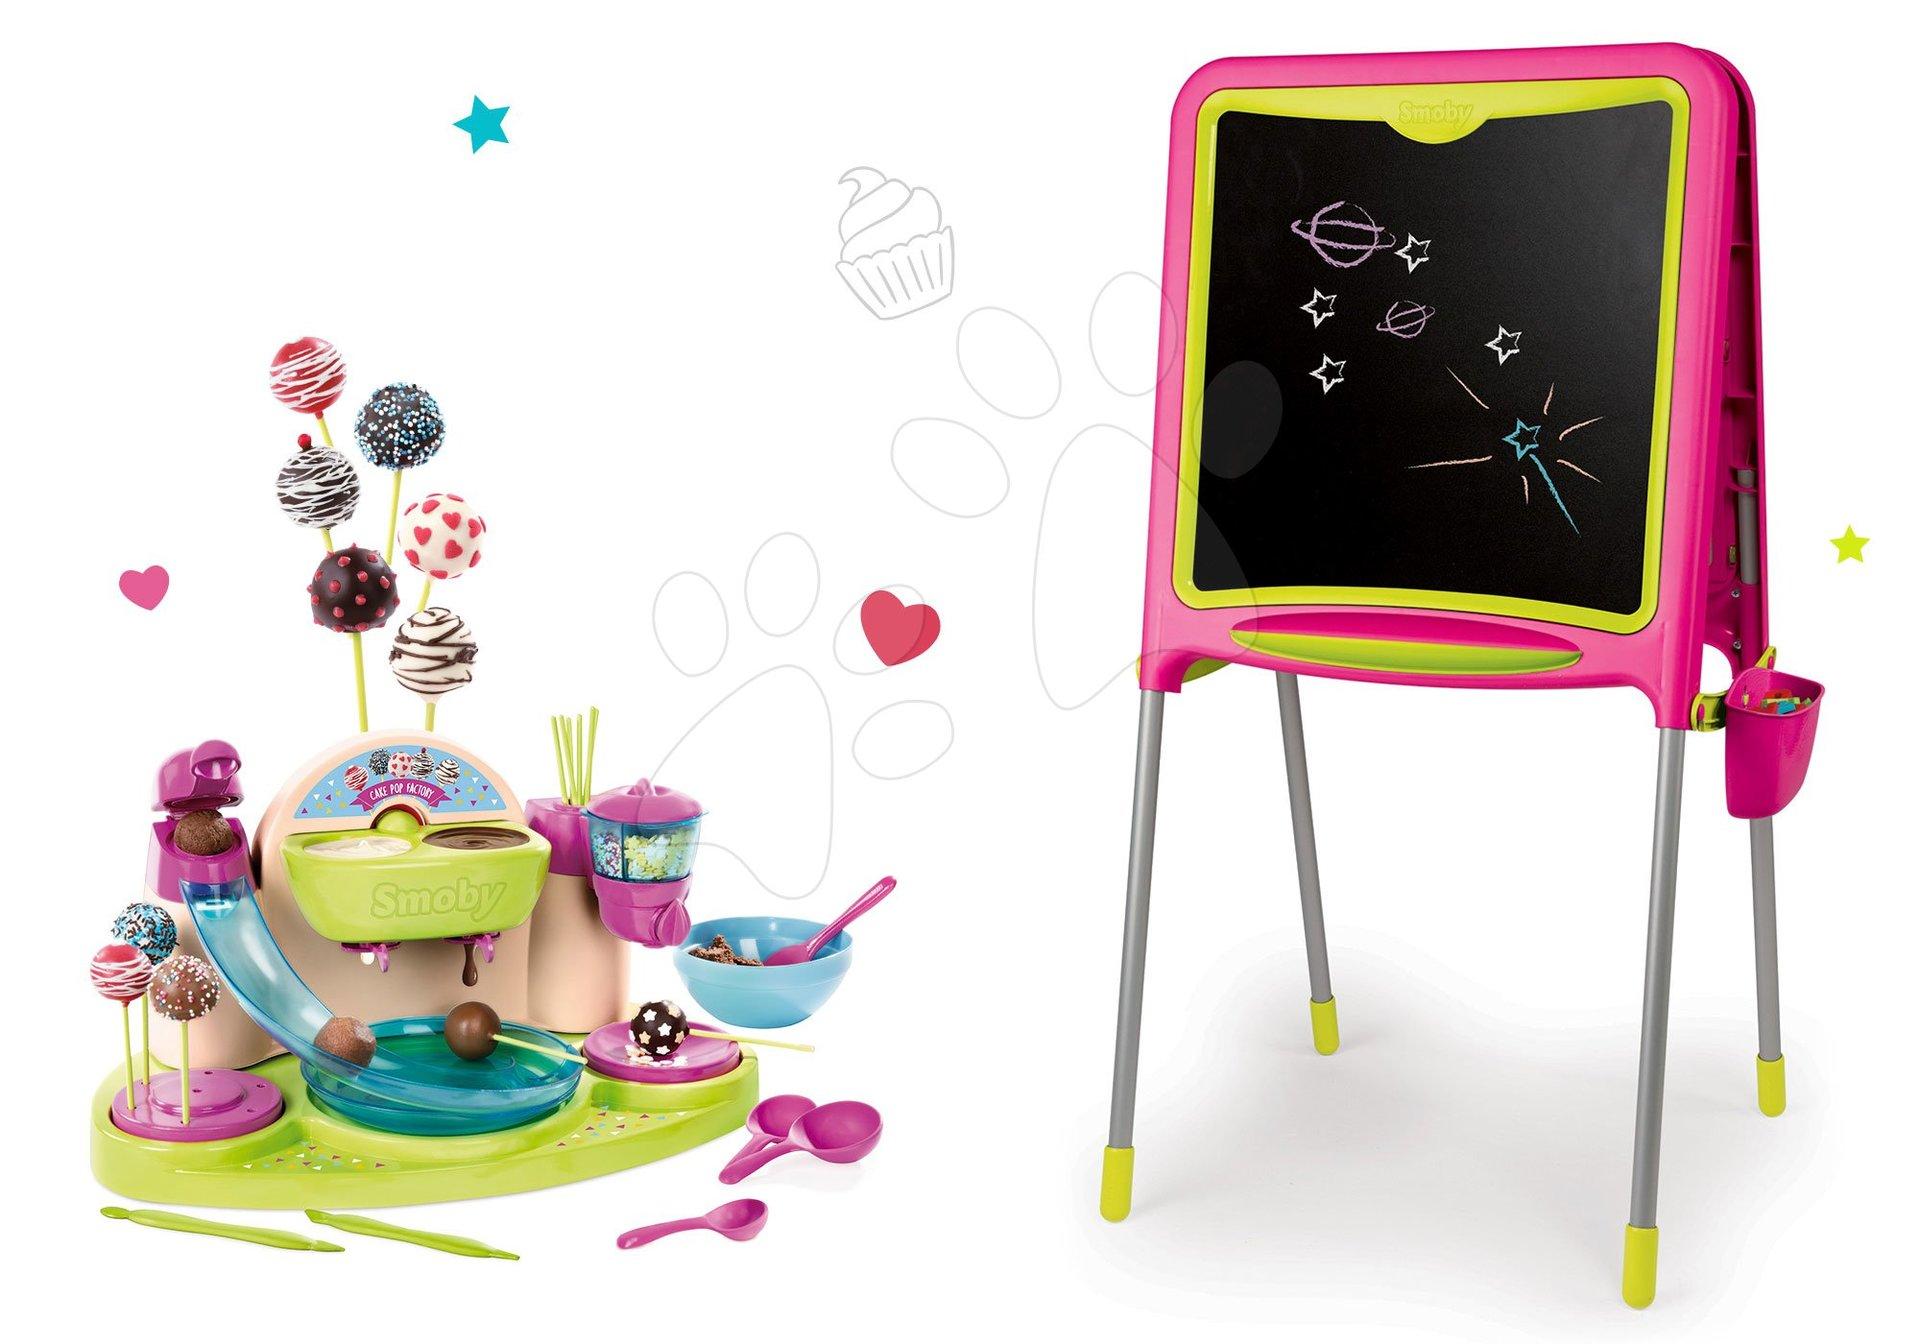 Set školská tabuľa Smoby magnetická obojstranná s 80 doplnkami a Hravá kuchárka Chef Cukráreň